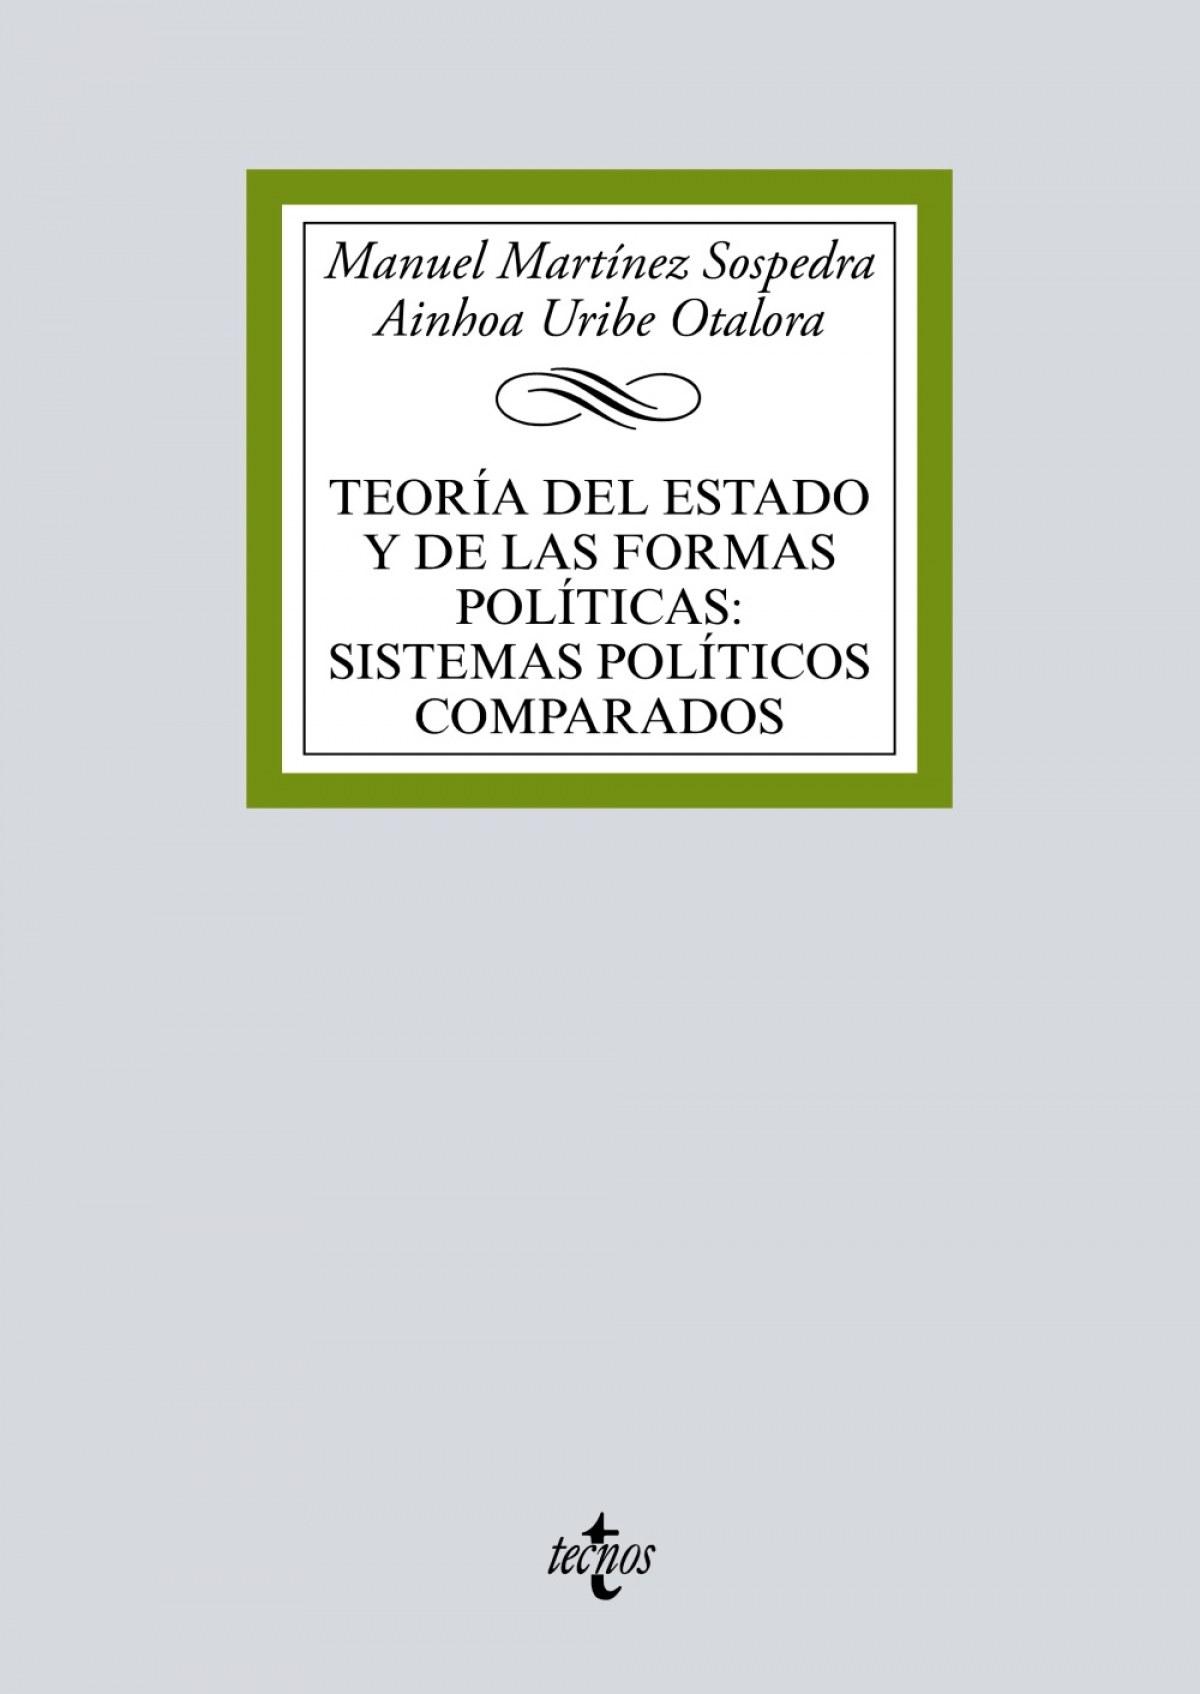 TEORÍA DEL ESTADO Y DE LAS FORMAS POLÍTICAS:SISTEMAS POLÍTICOS